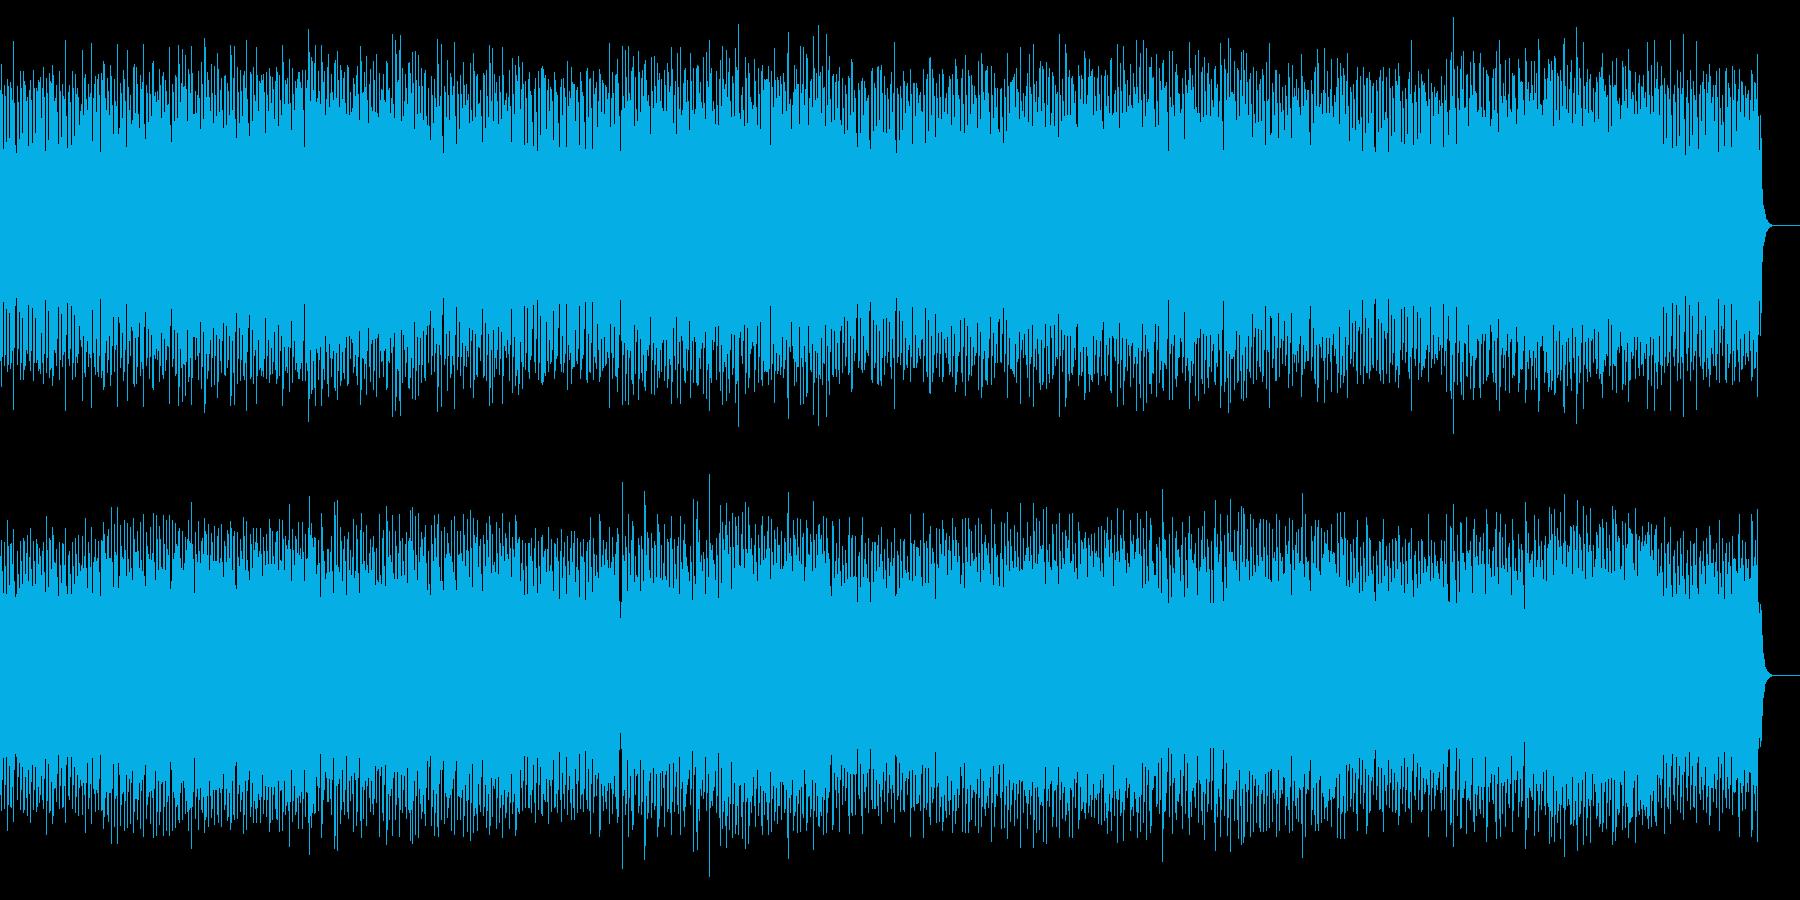 鍵盤楽器の緊張感あるミニマルポストロックの再生済みの波形